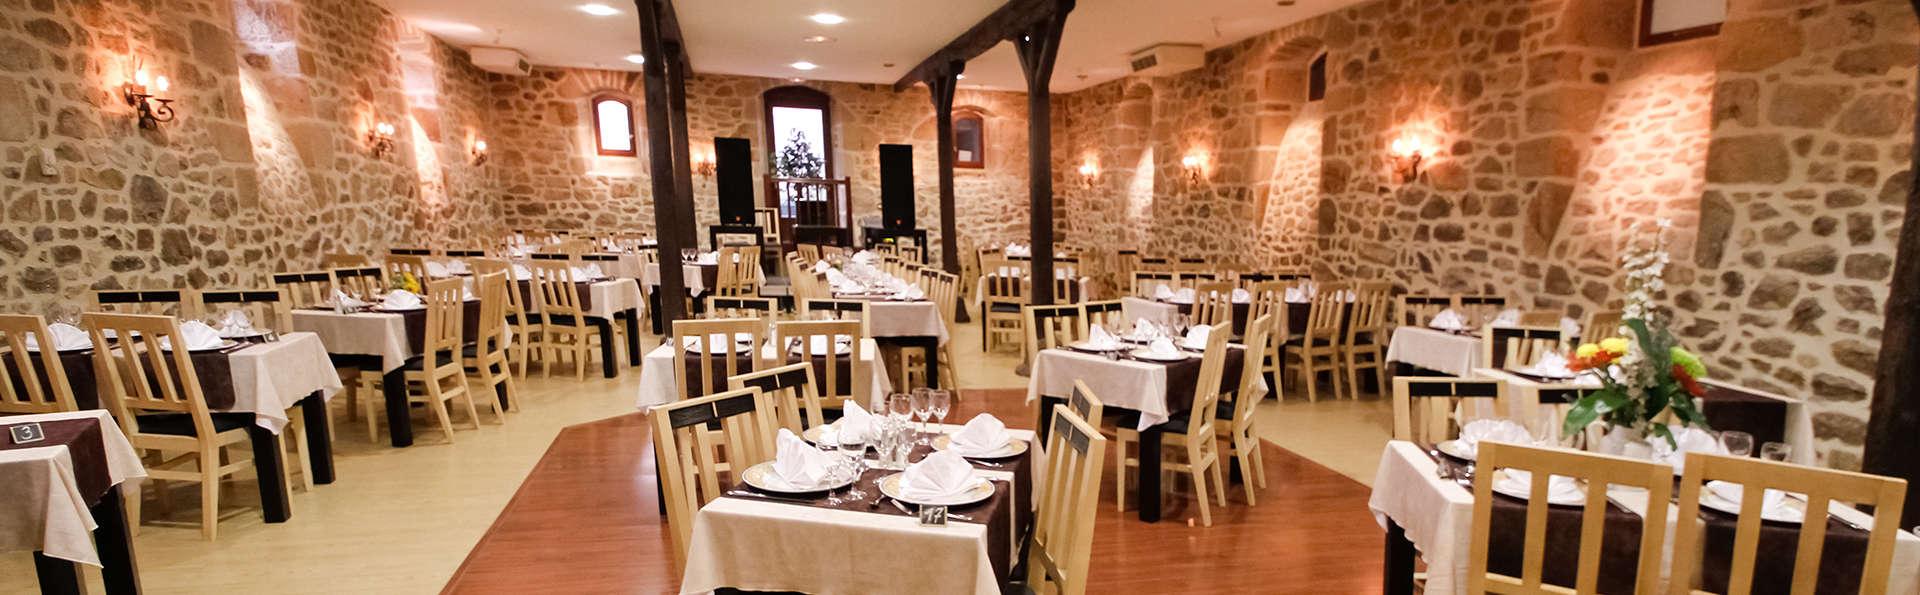 Parenthèse romantique avec spa et dîner dans un hôtel de charme en Corrèze